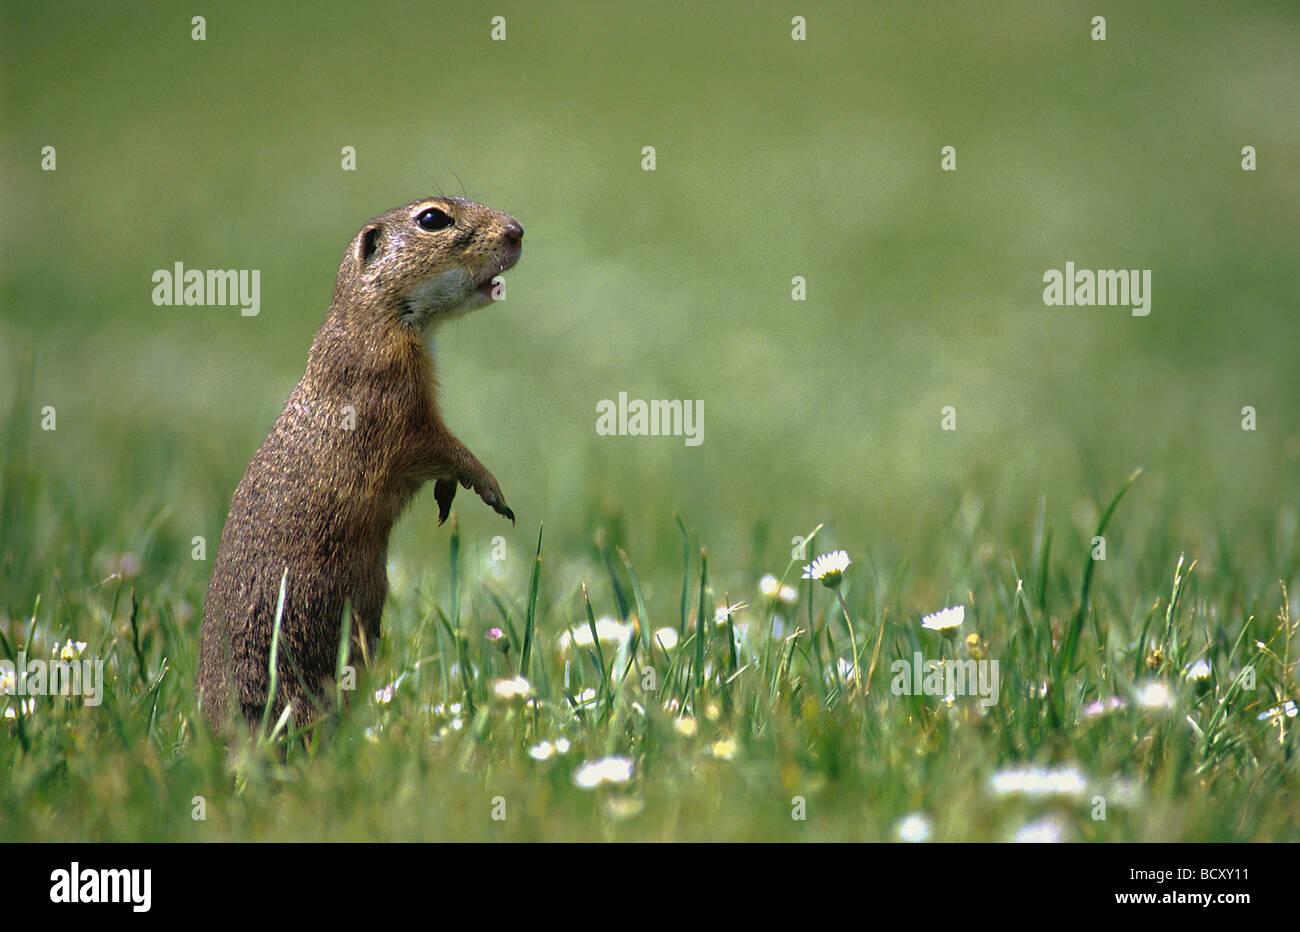 Citellus / Spermophilus / ground squirrels , susliks , sousliks Stock Photo